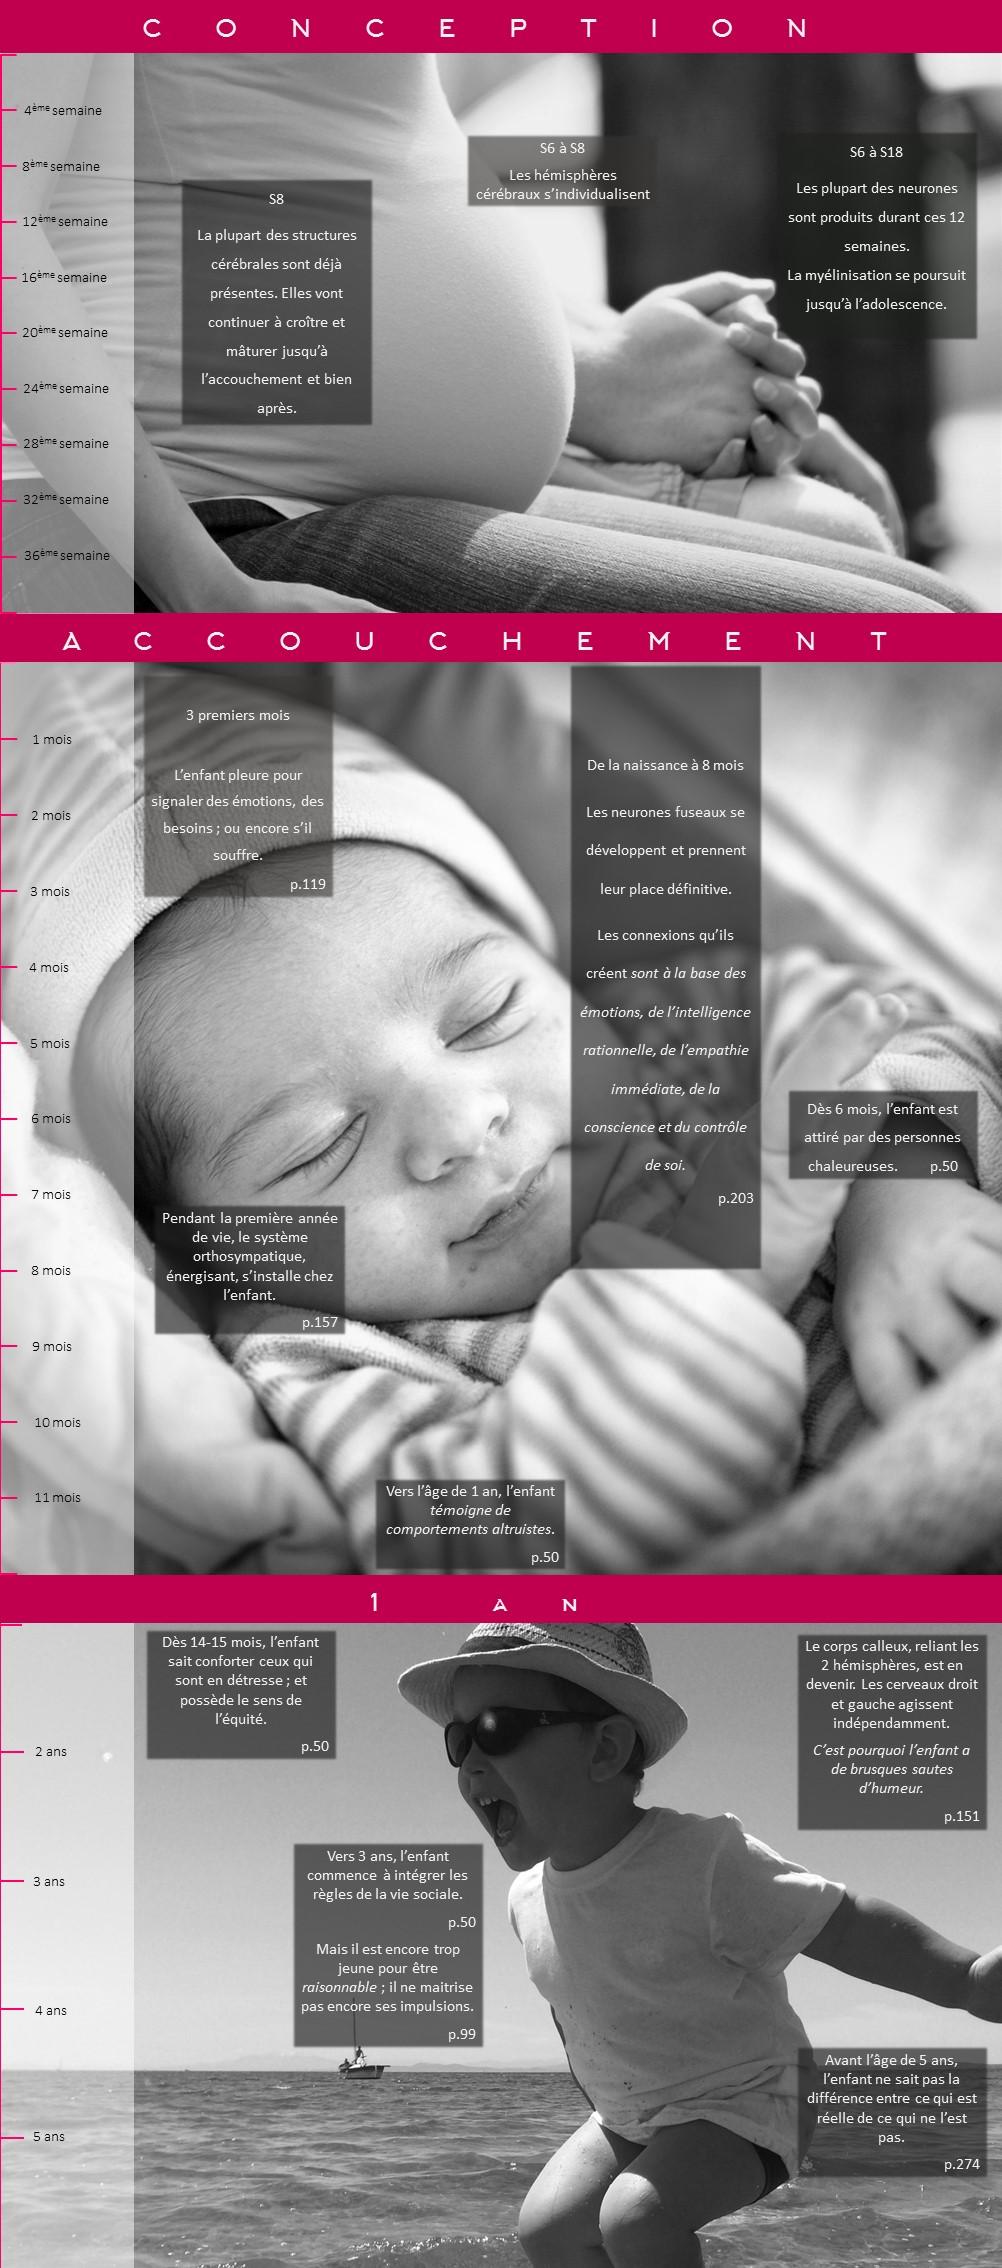 Frise chronologique de l'évolution du cerveau de l'enfant, d'après les données de Catherine Gueguen dans son livre Pour une enfance heureuse.